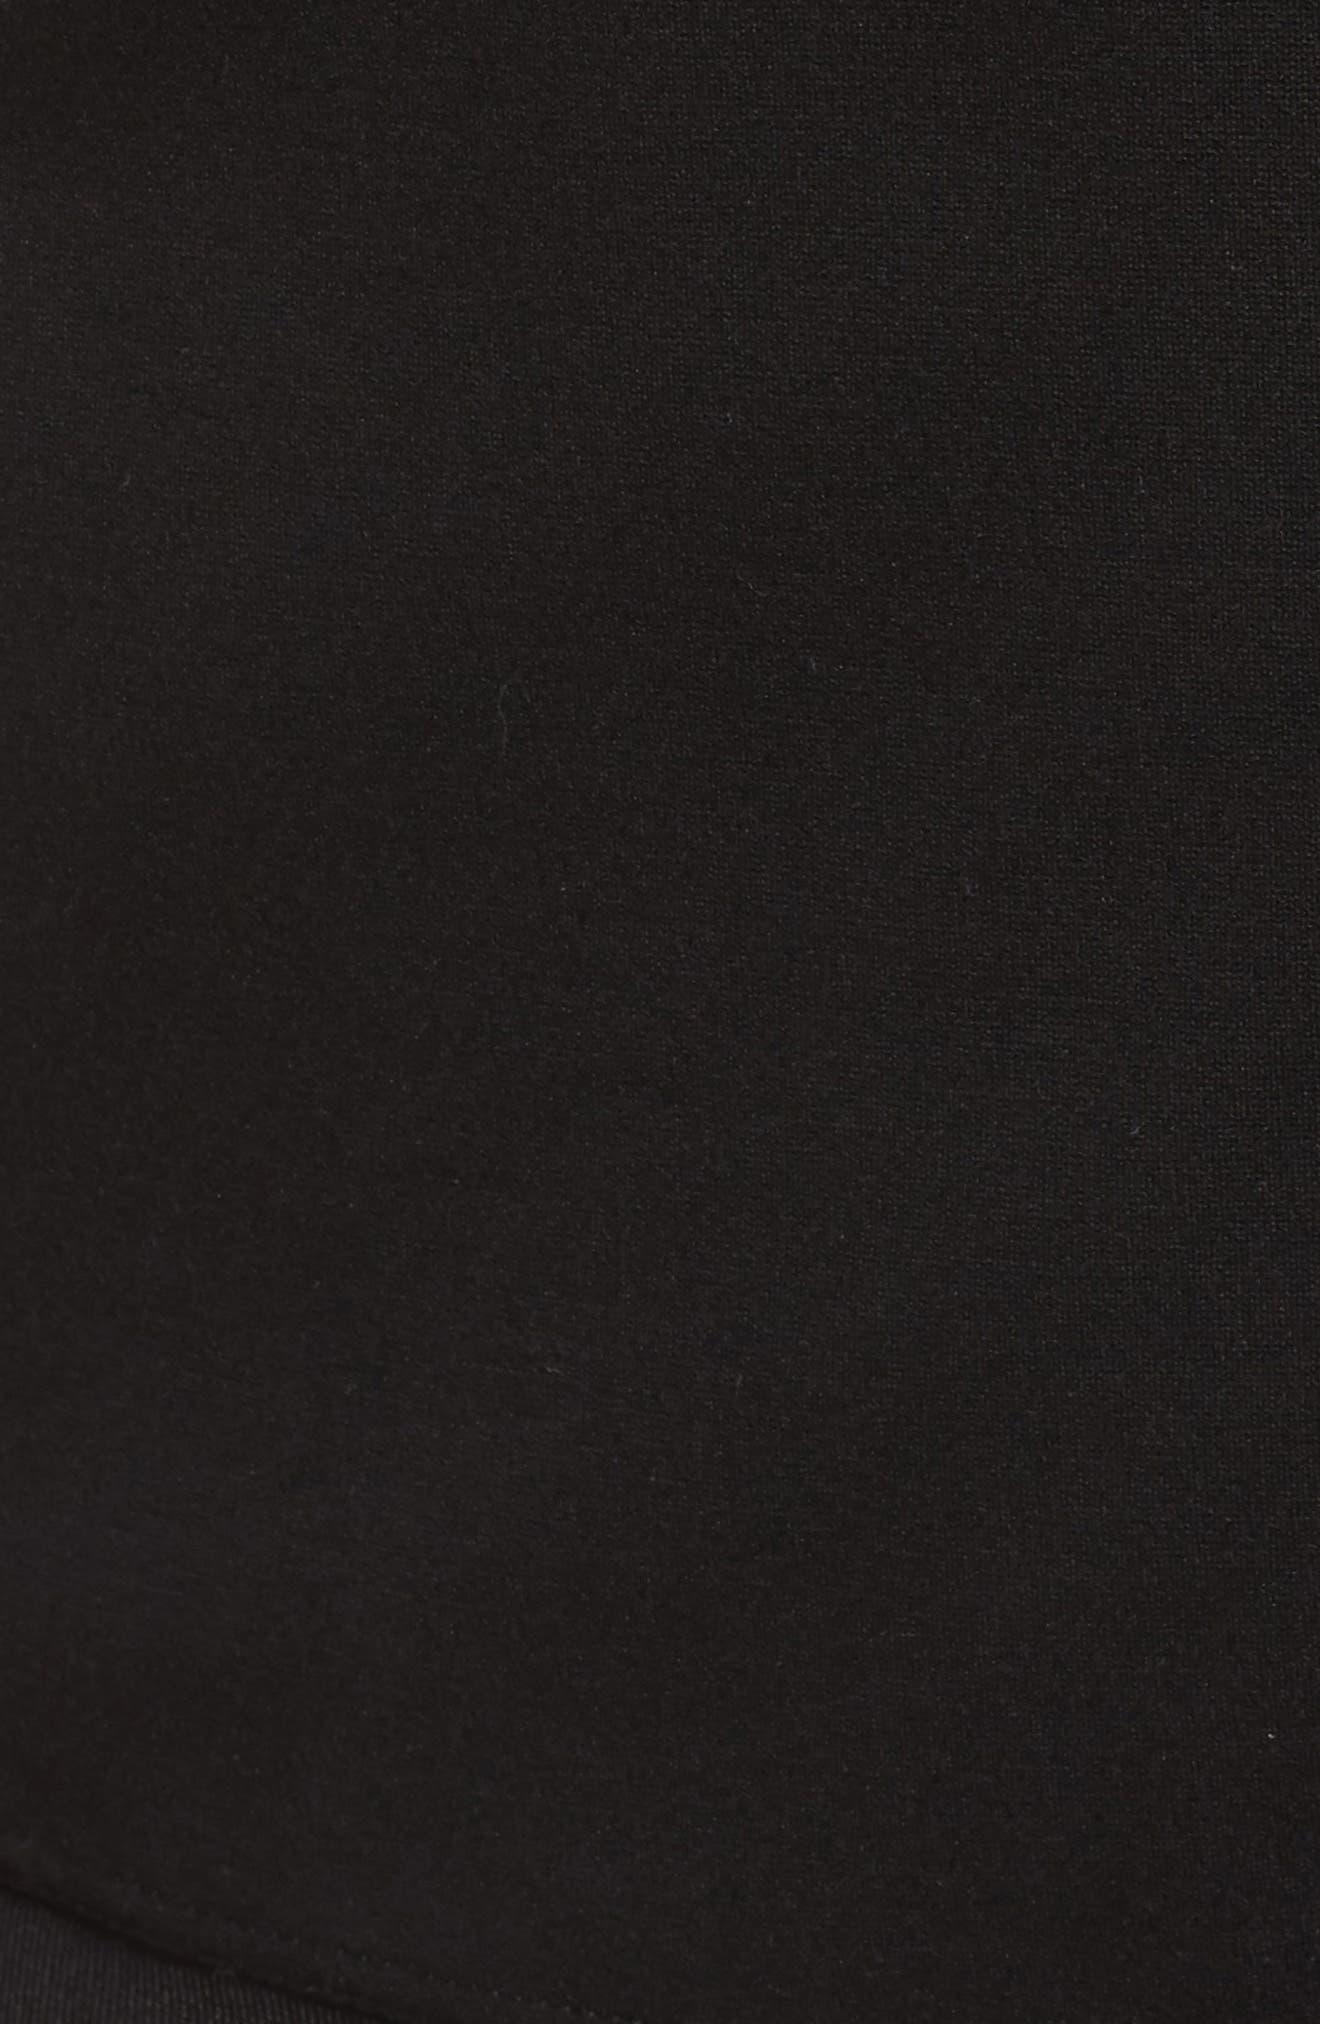 Alison Zip Front Jacket,                             Alternate thumbnail 6, color,                             001